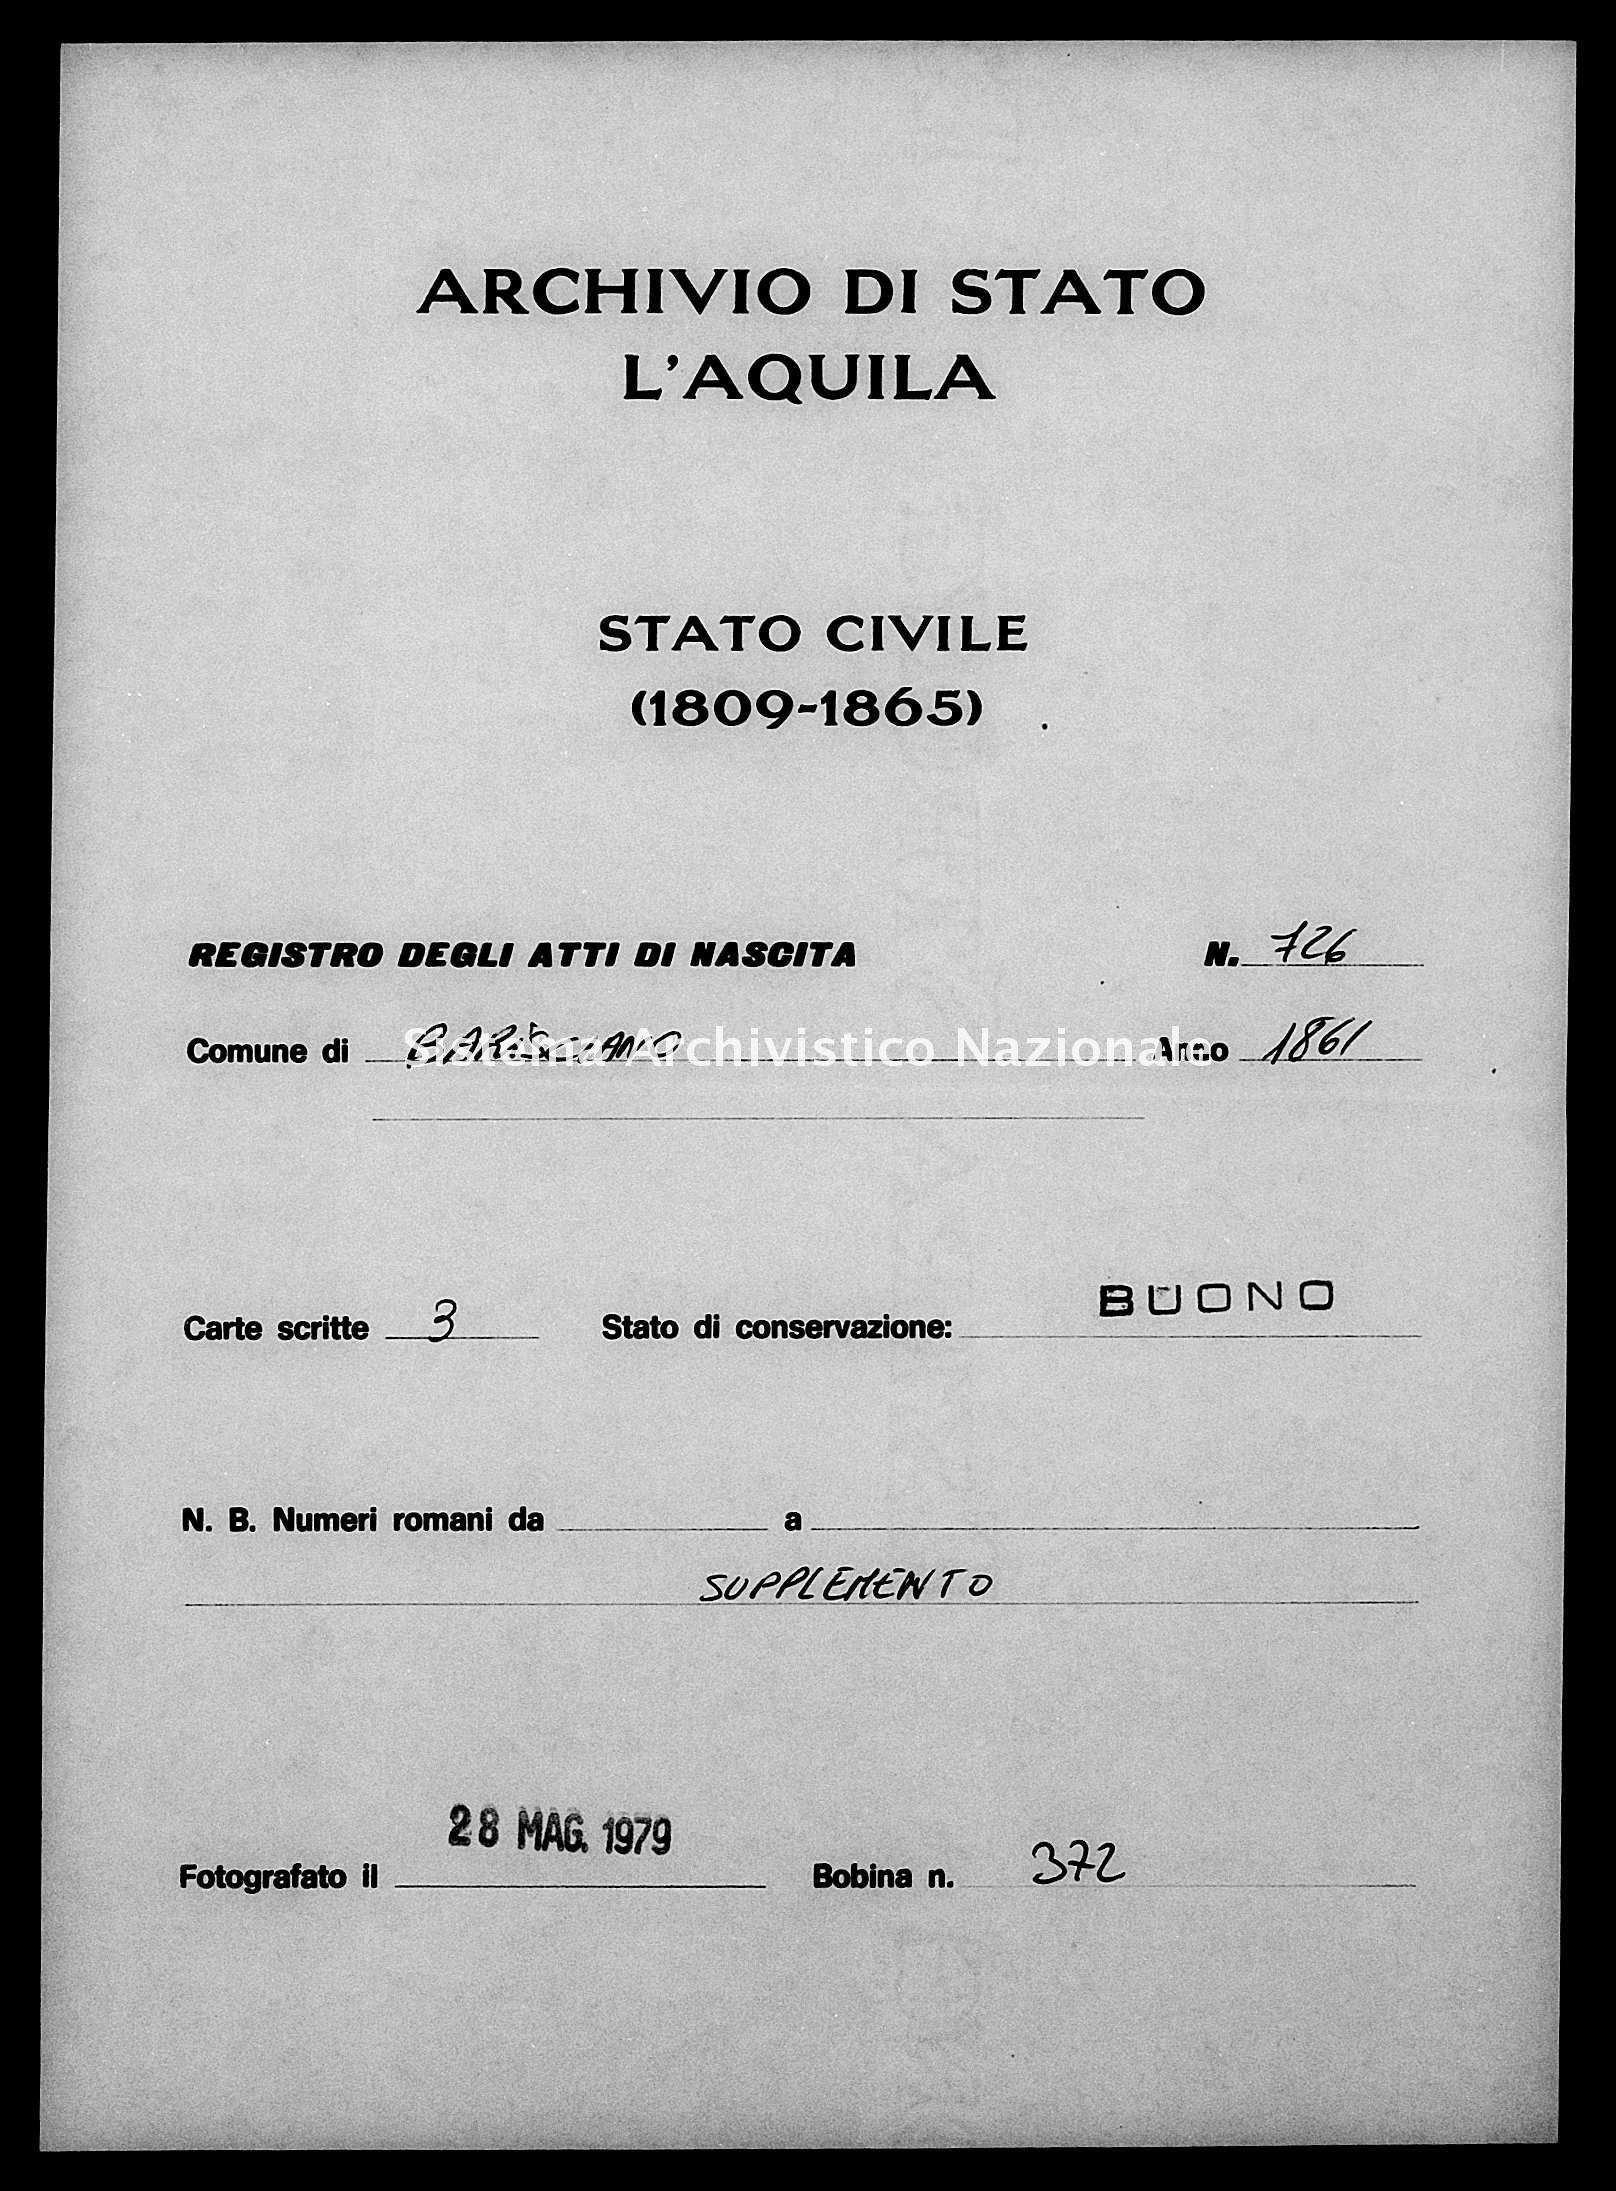 Archivio di stato di L'aquila - Stato civile italiano - Barisciano - Nati, esposti - 1861 - 726 -